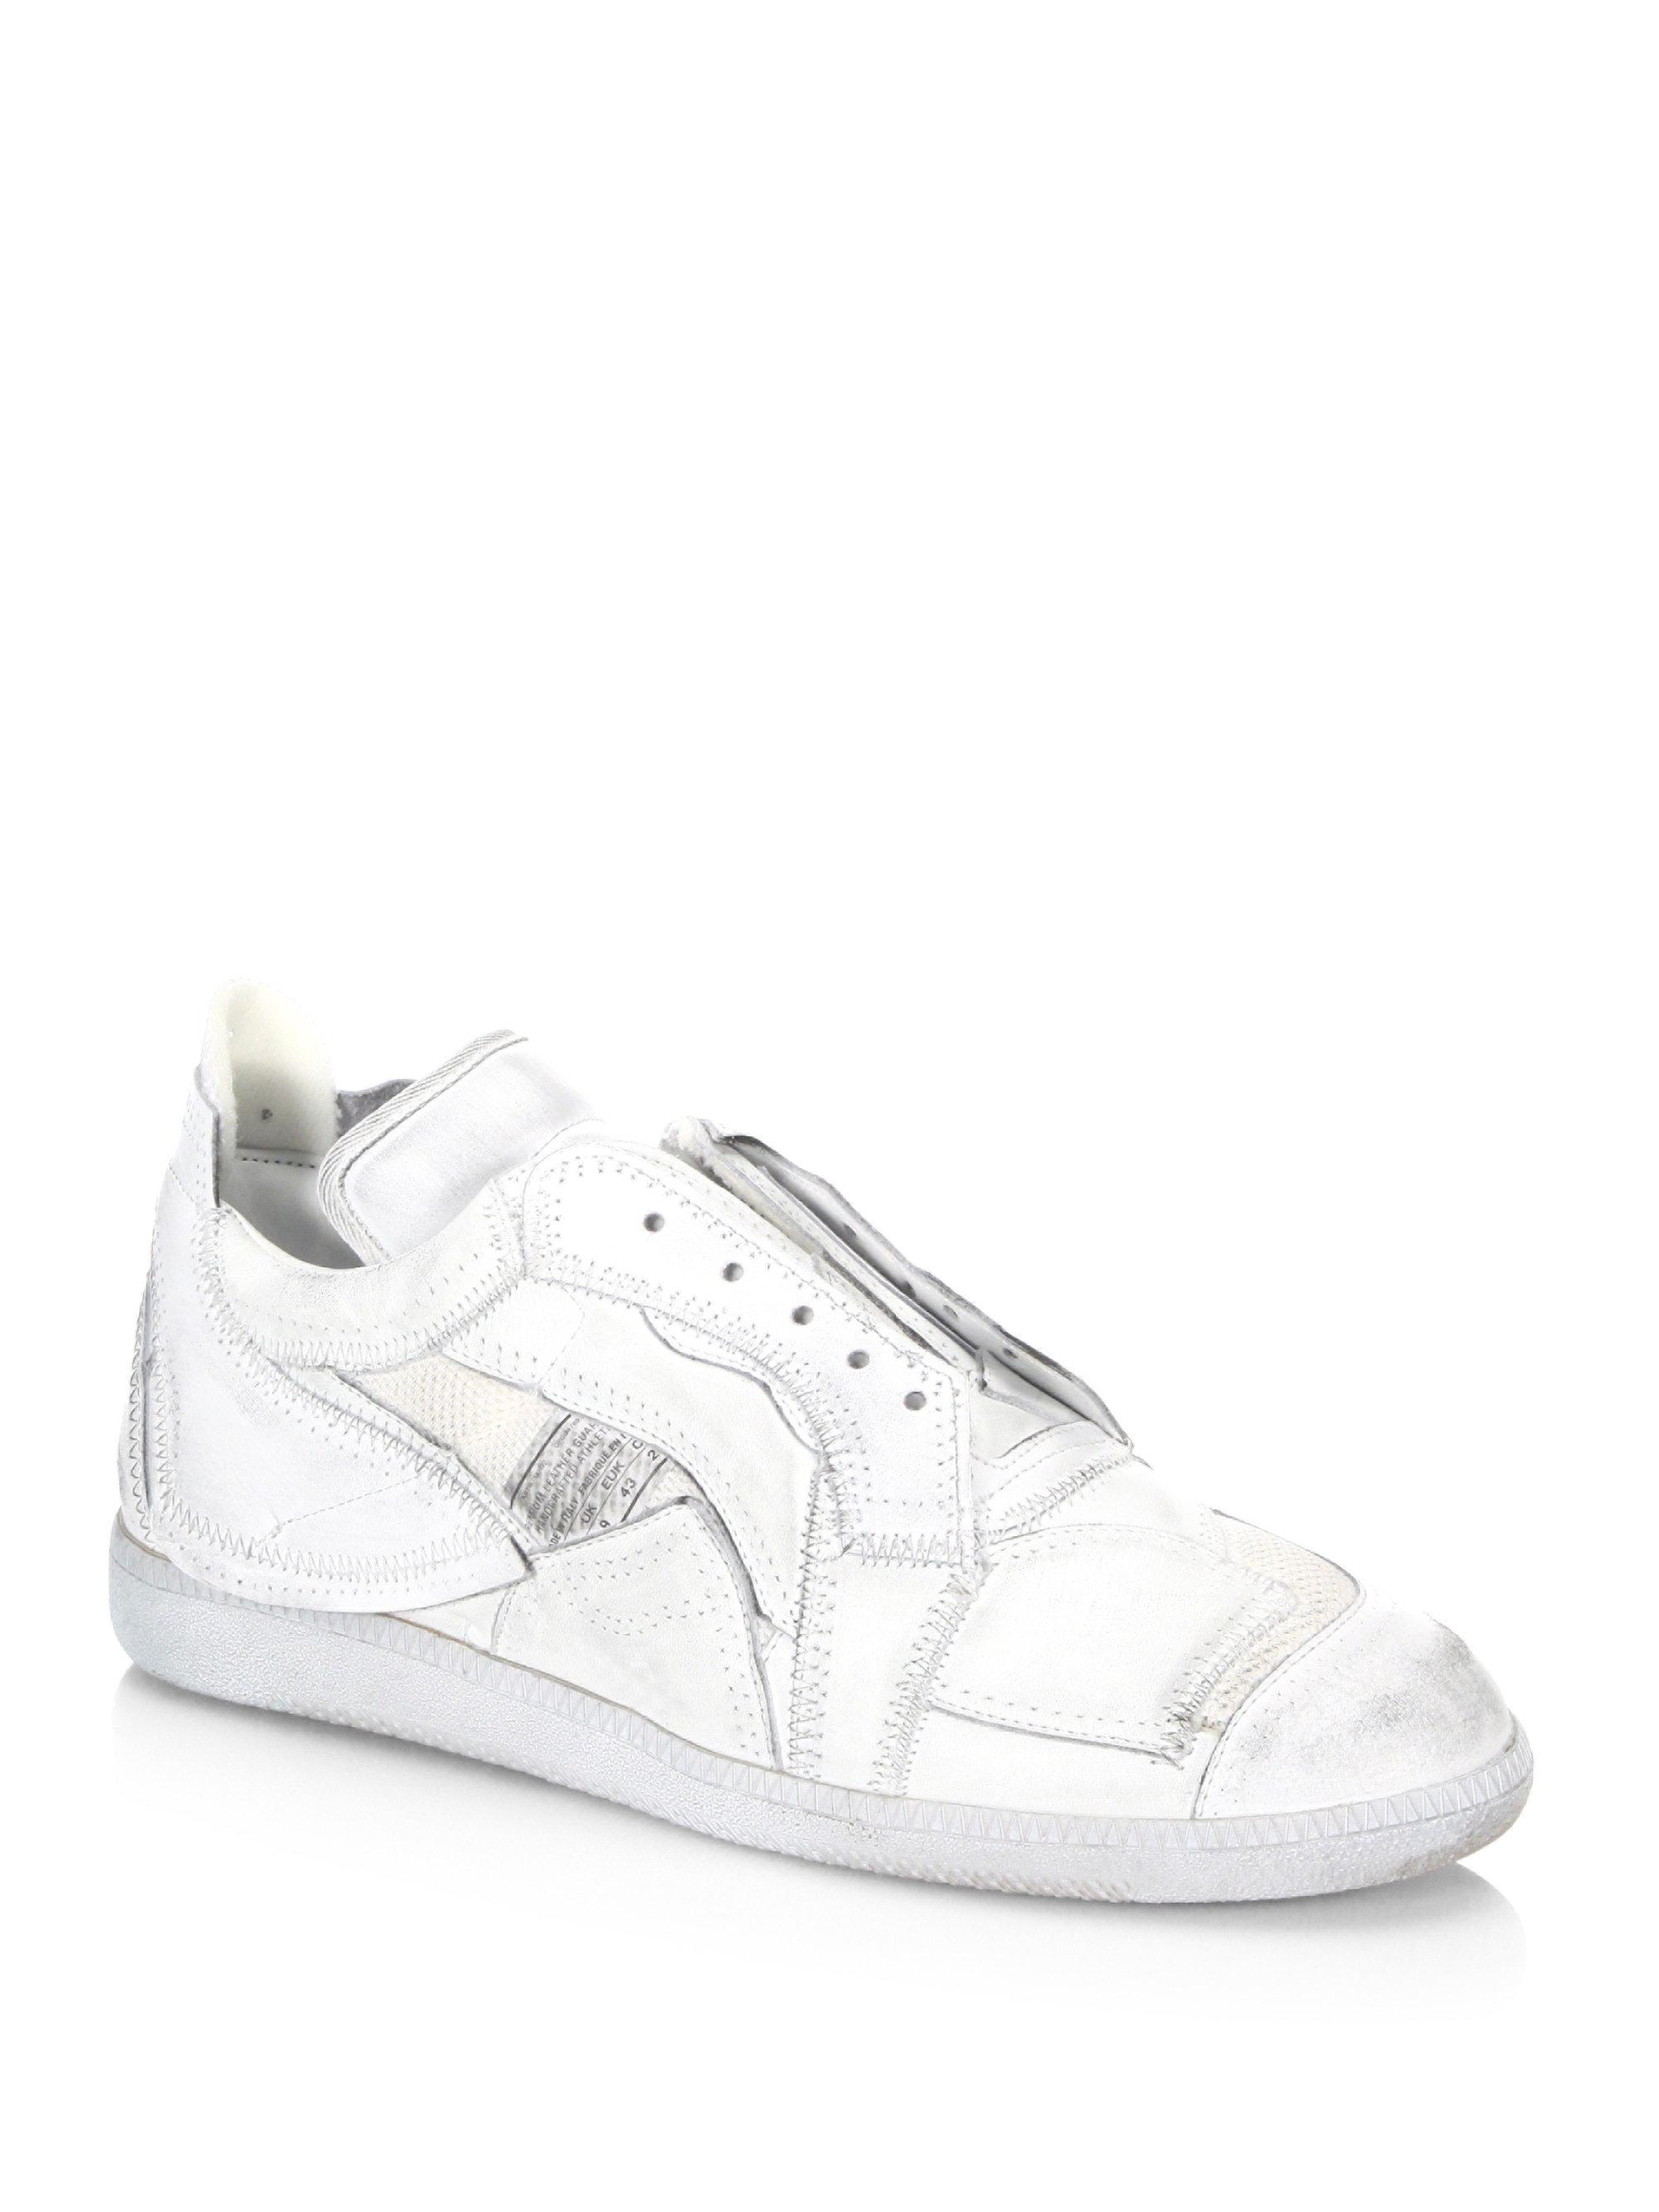 Maison Margiela White Collage Sneakers d83jr73